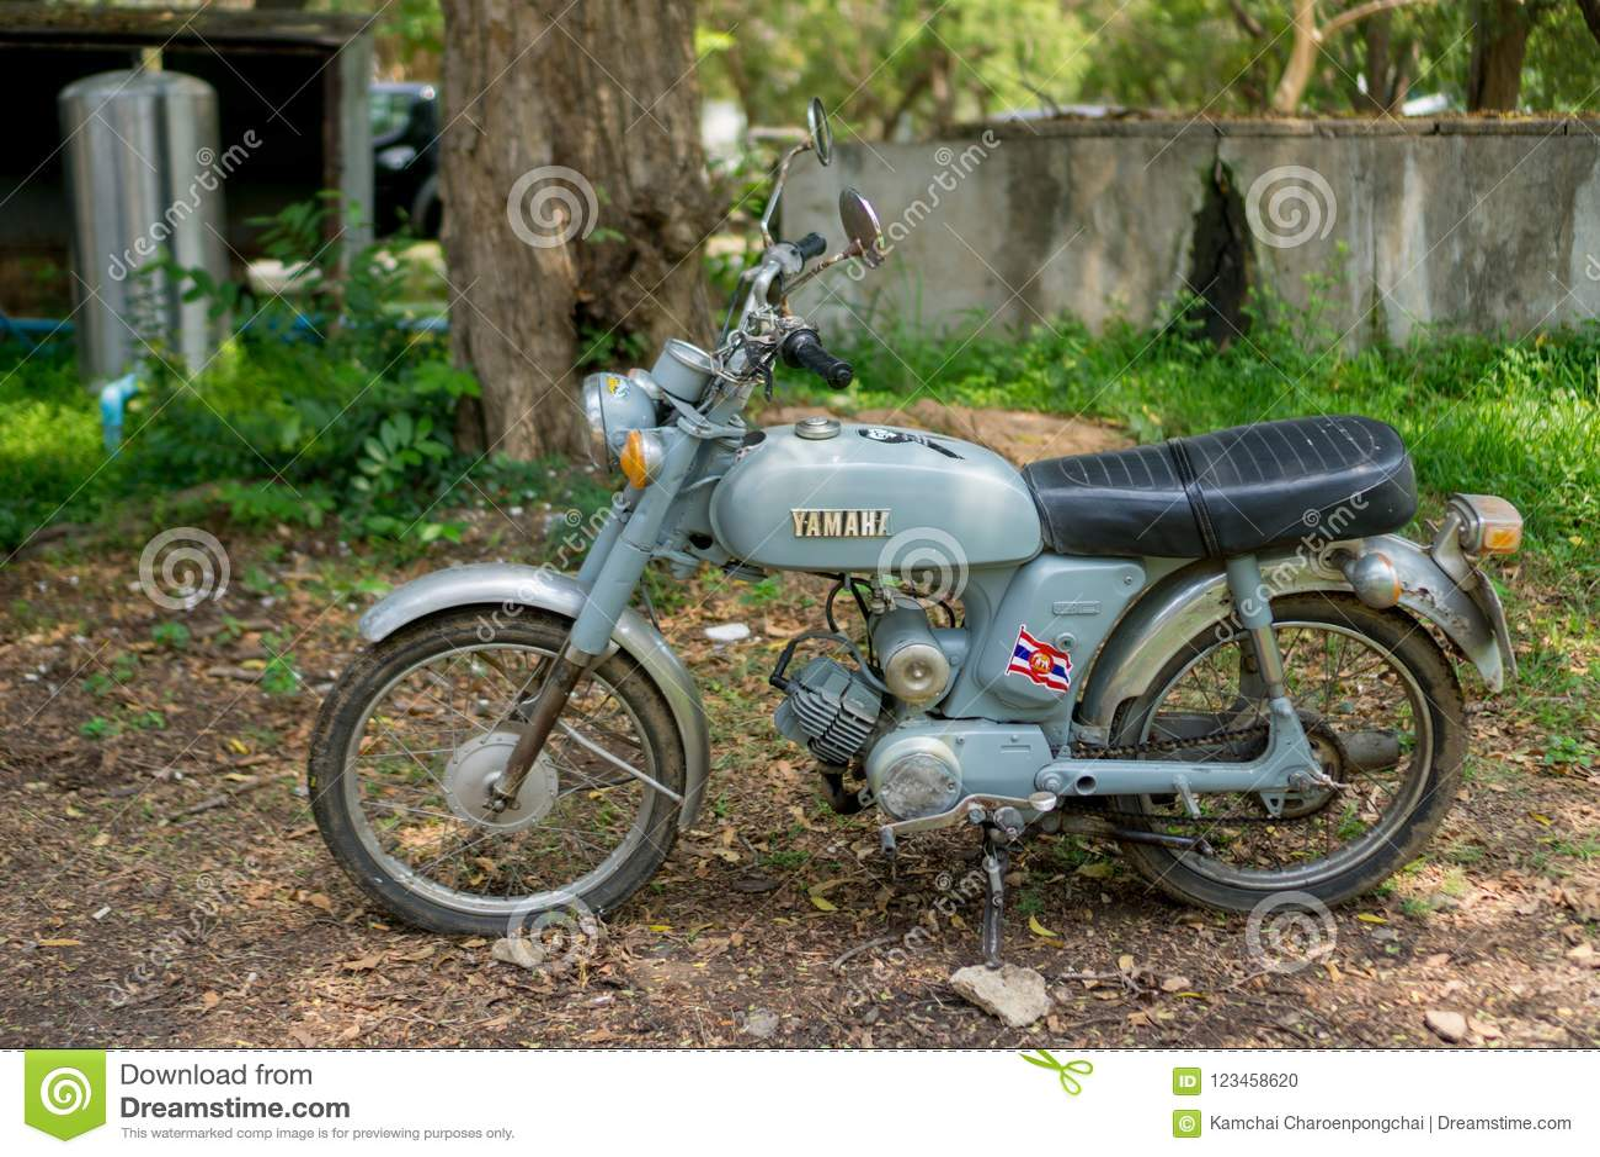 Circa mittleren 1960 klassisch und Weinlese Yamaha-Motorrad von Japan